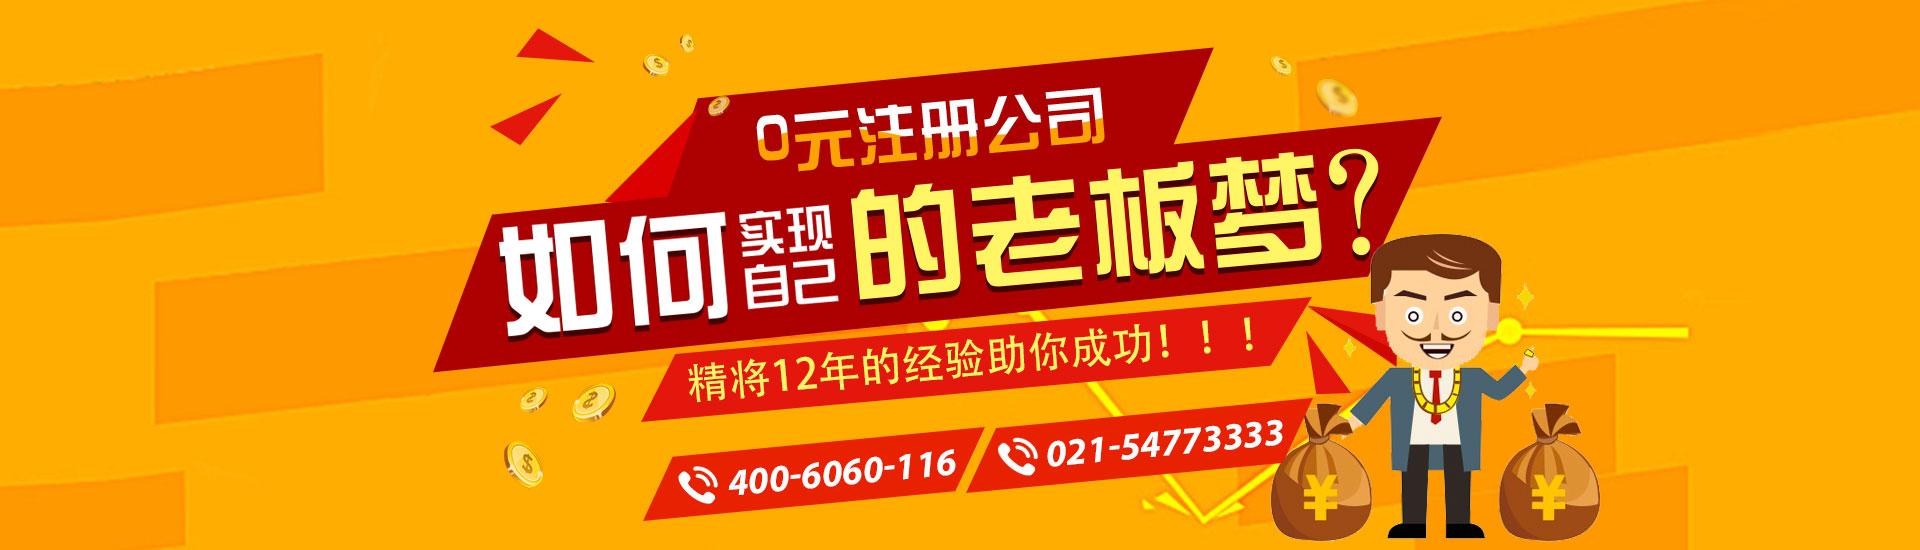 上海精将企业服务有限公司